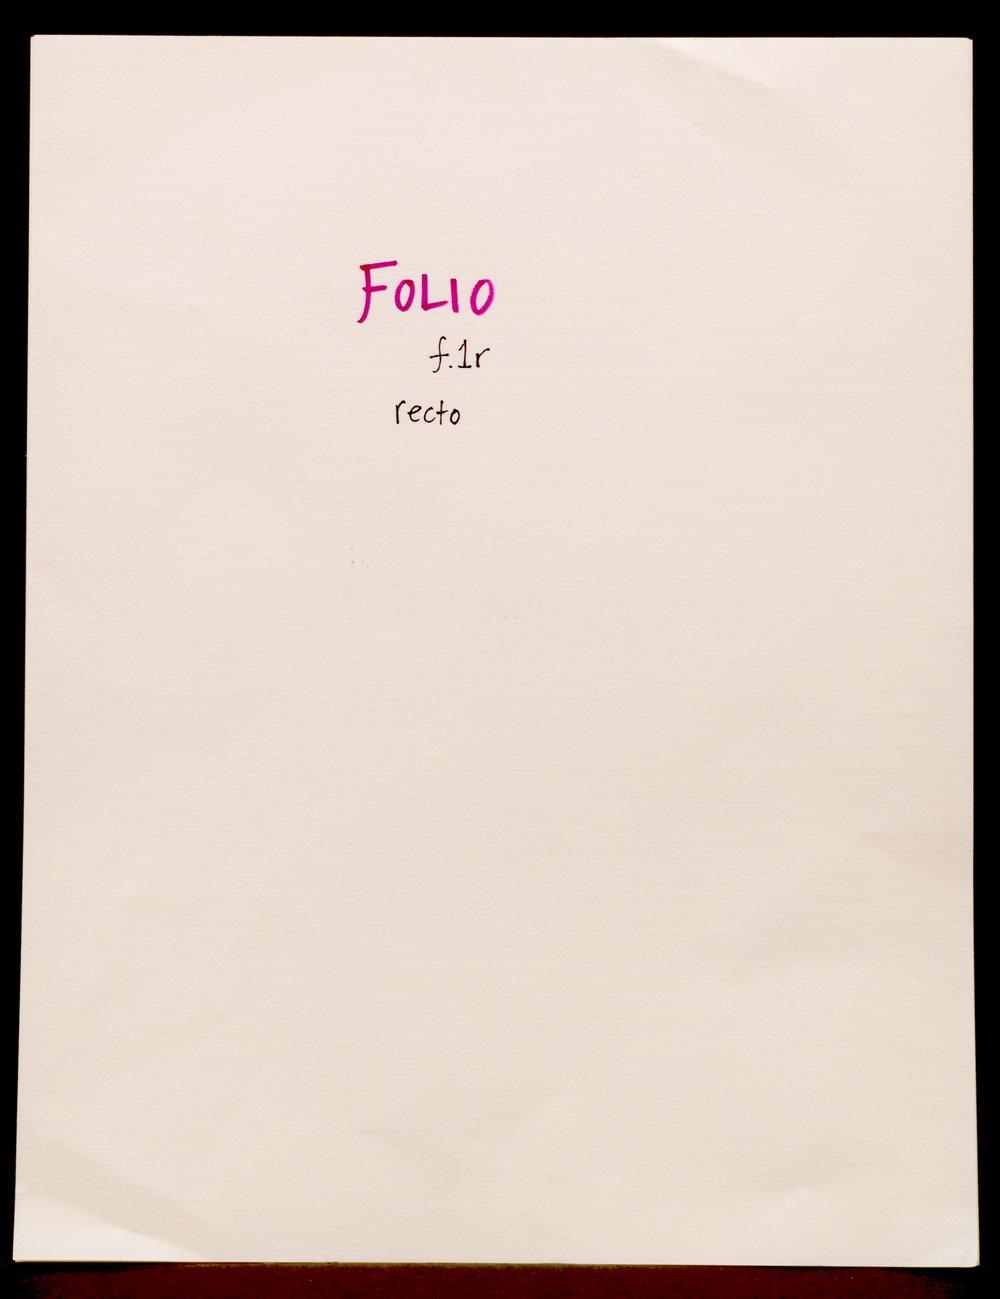 folio_recto_1_folium_DSC_0785.JPG